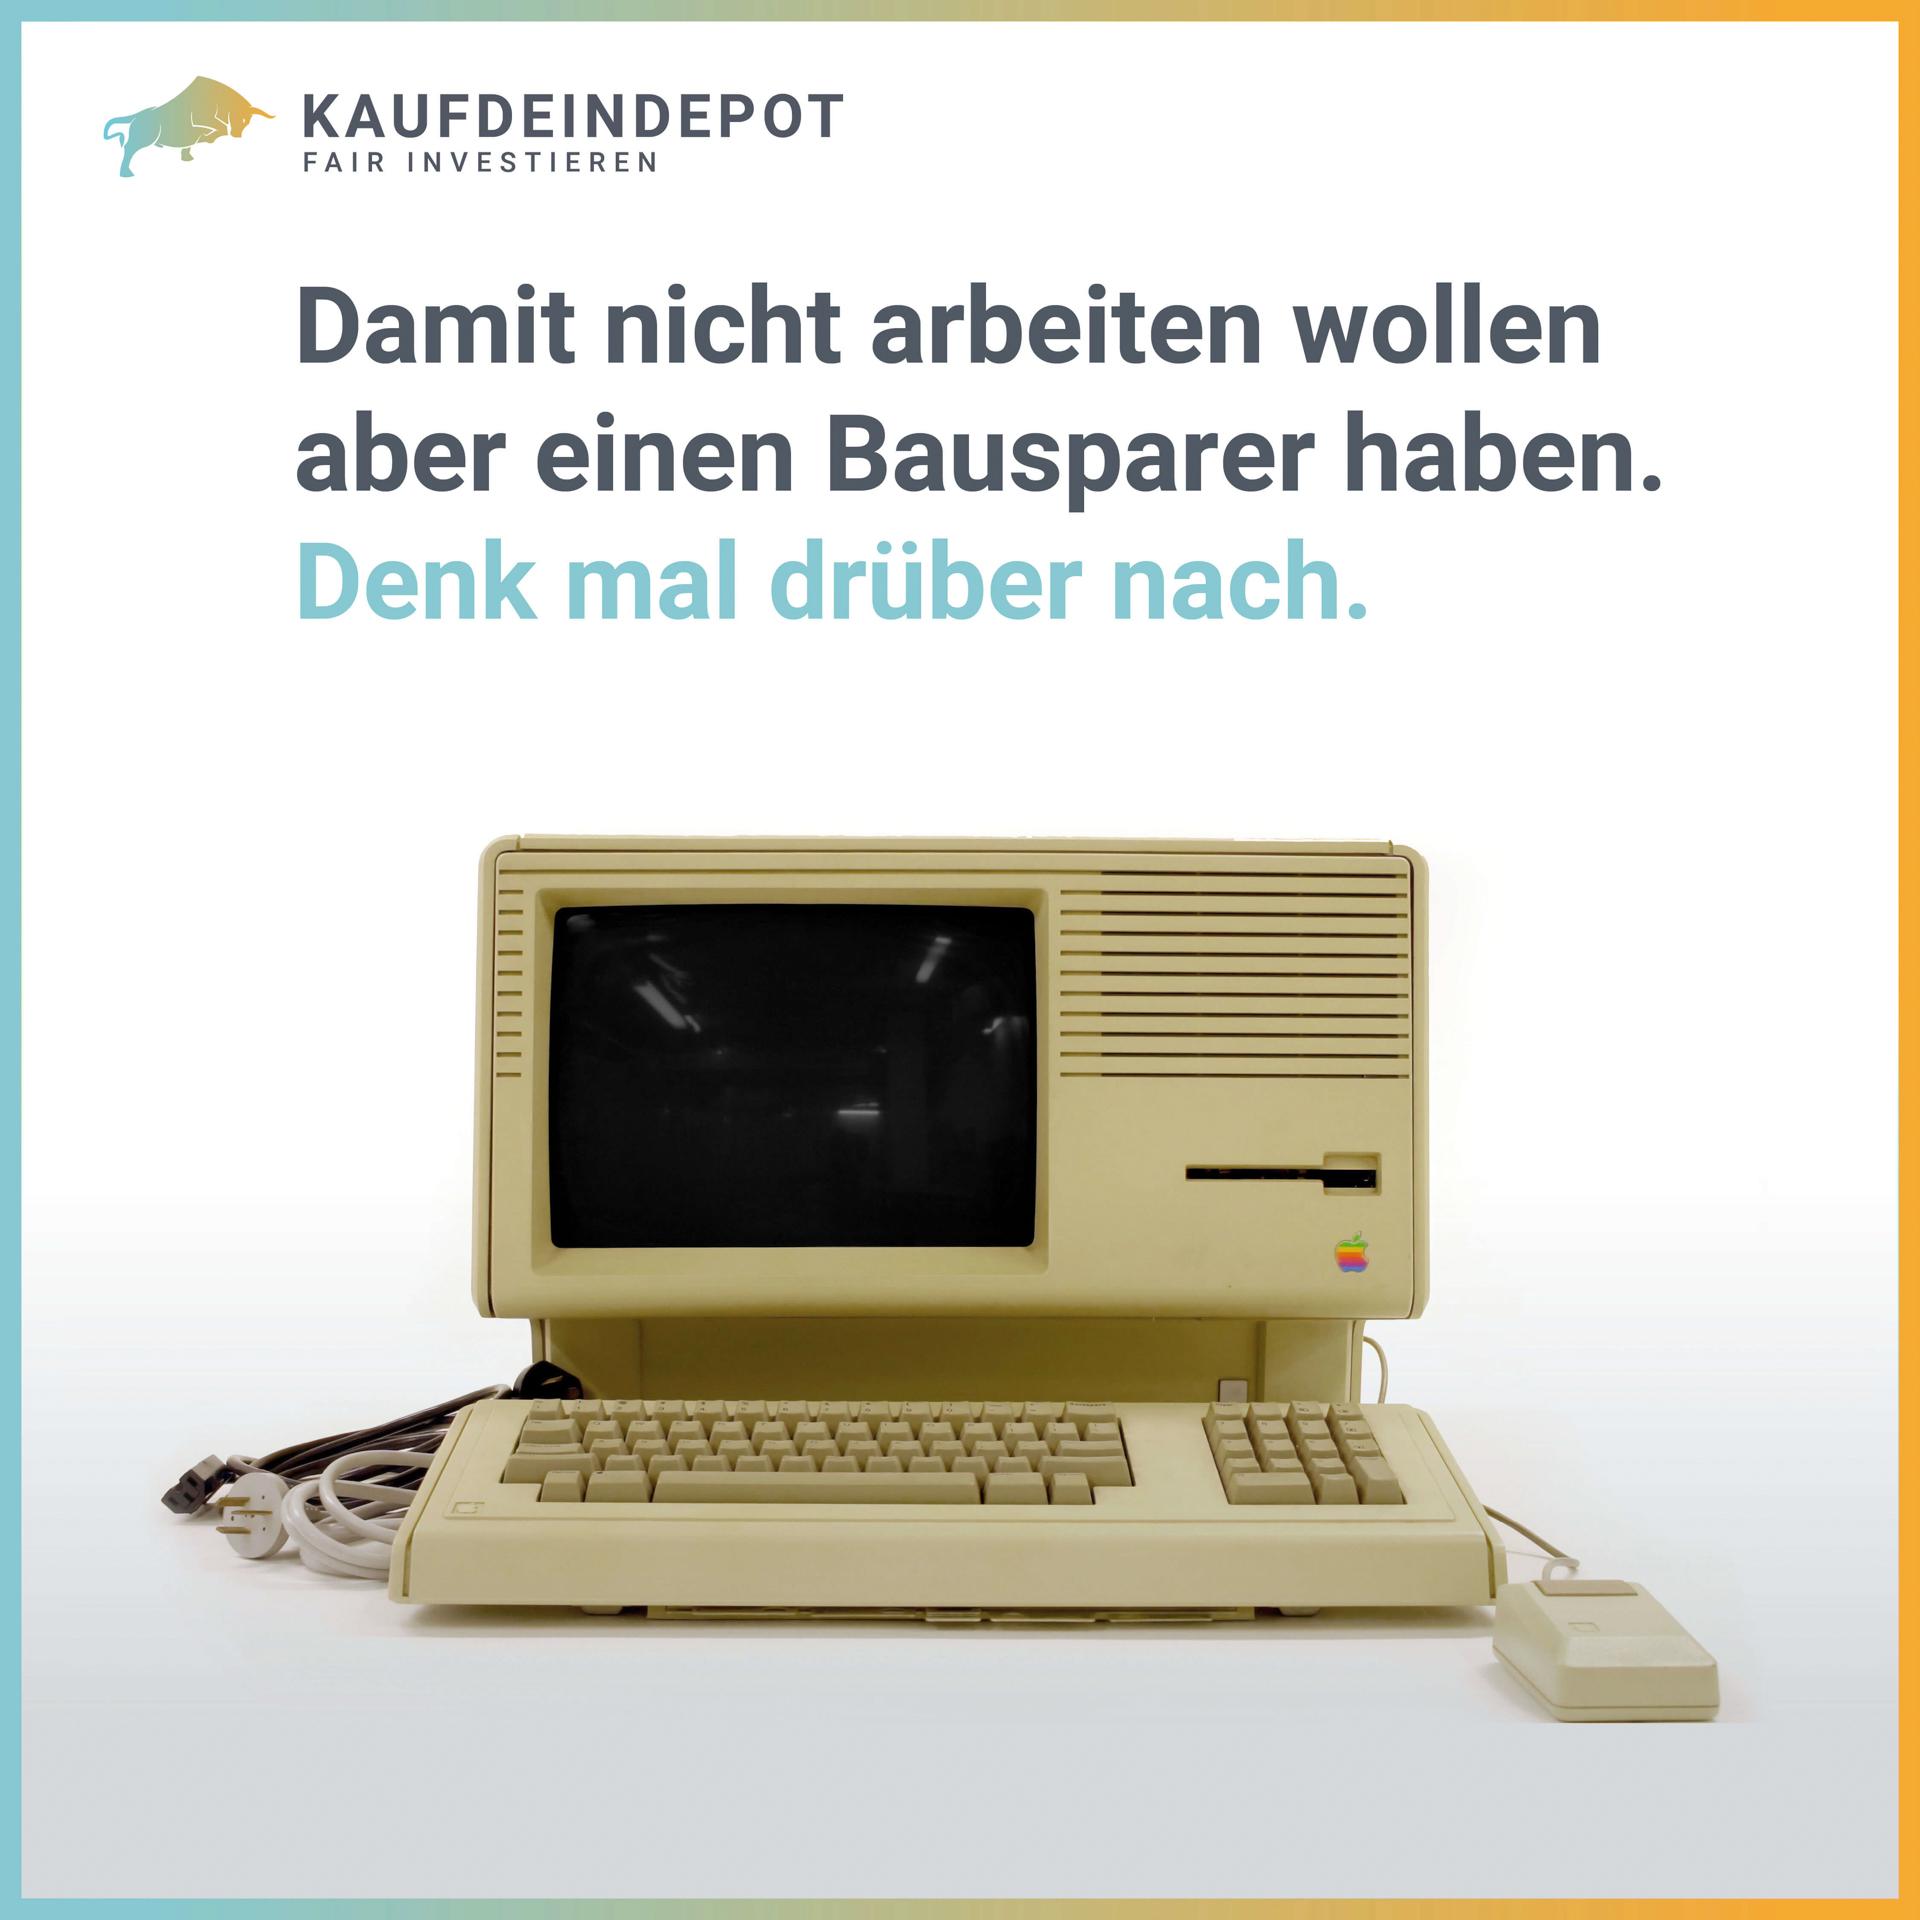 gniced-daniel gross-pfaffenhofen-grafikdesign-print-druckprodukte-21